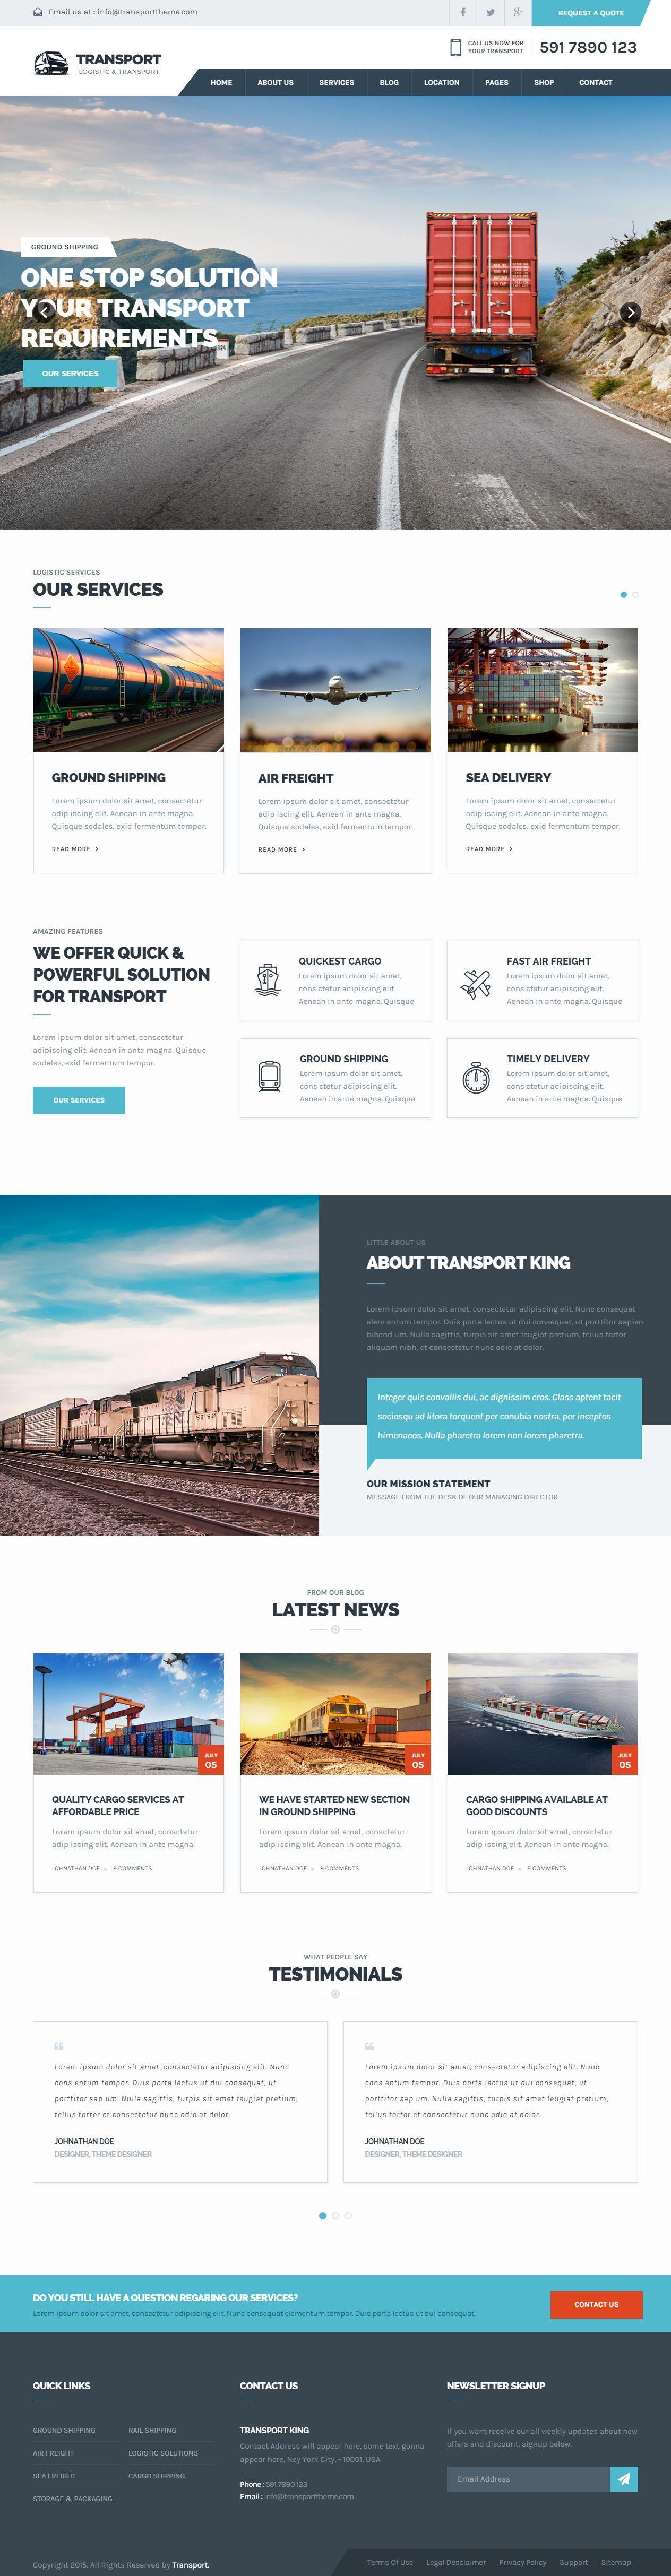 Transport is Premium full Responsive Retina #Logistic #HTML5 ...